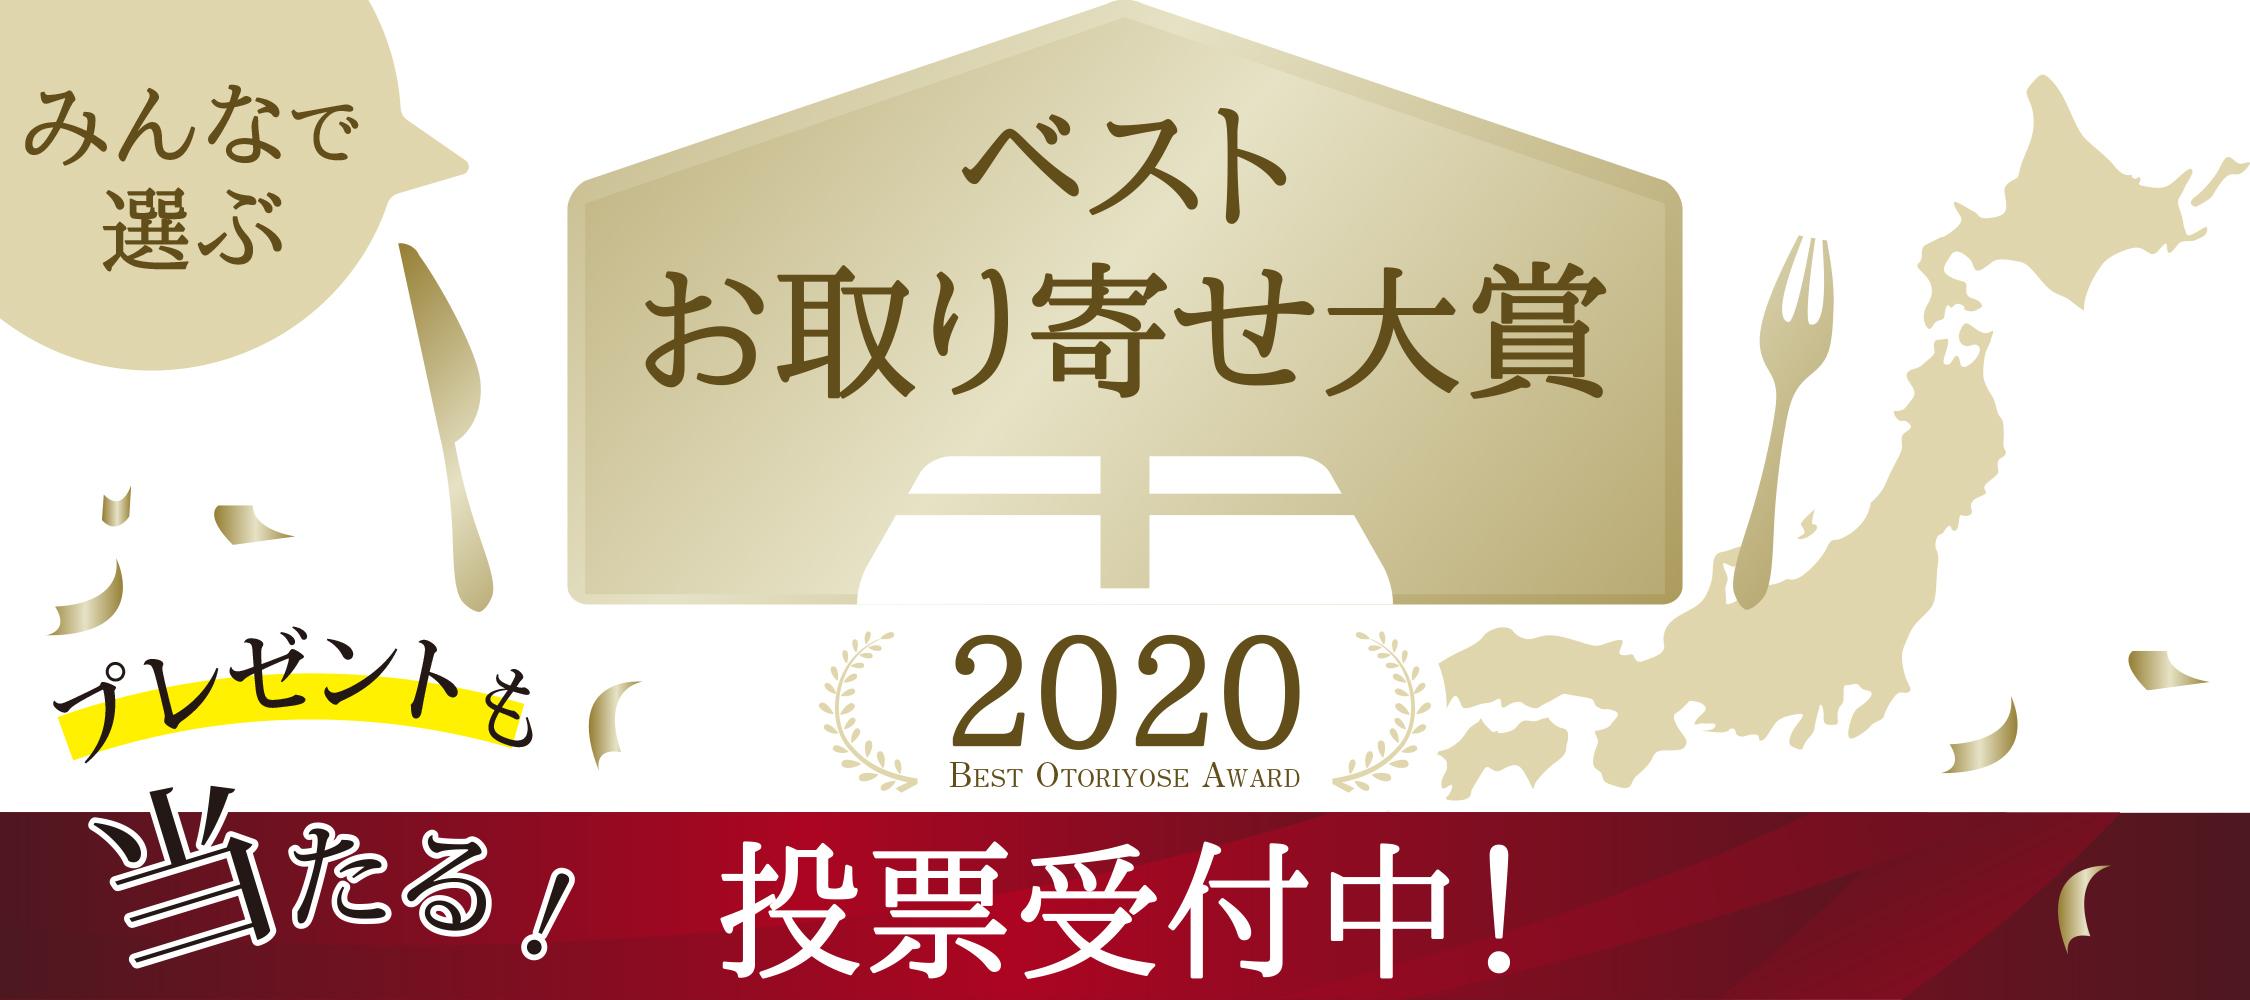 お 取り寄せ ランキング 2020